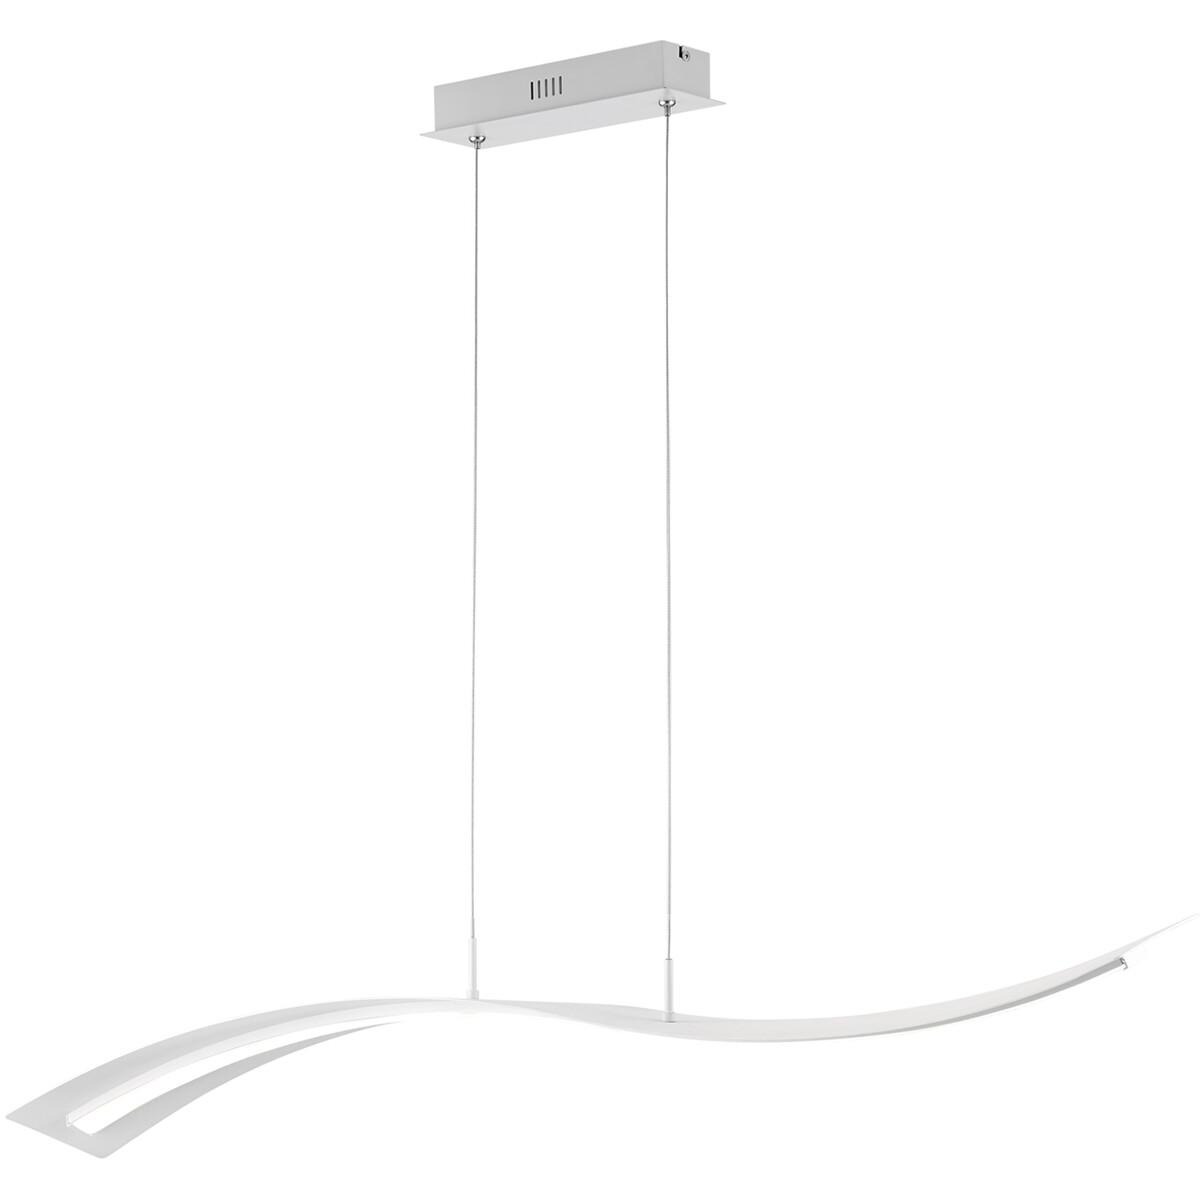 LED Hanglamp - Trion Salerna - 35W - Natuurlijk Wit 4000K - Rechthoek - Mat Wit - Aluminium